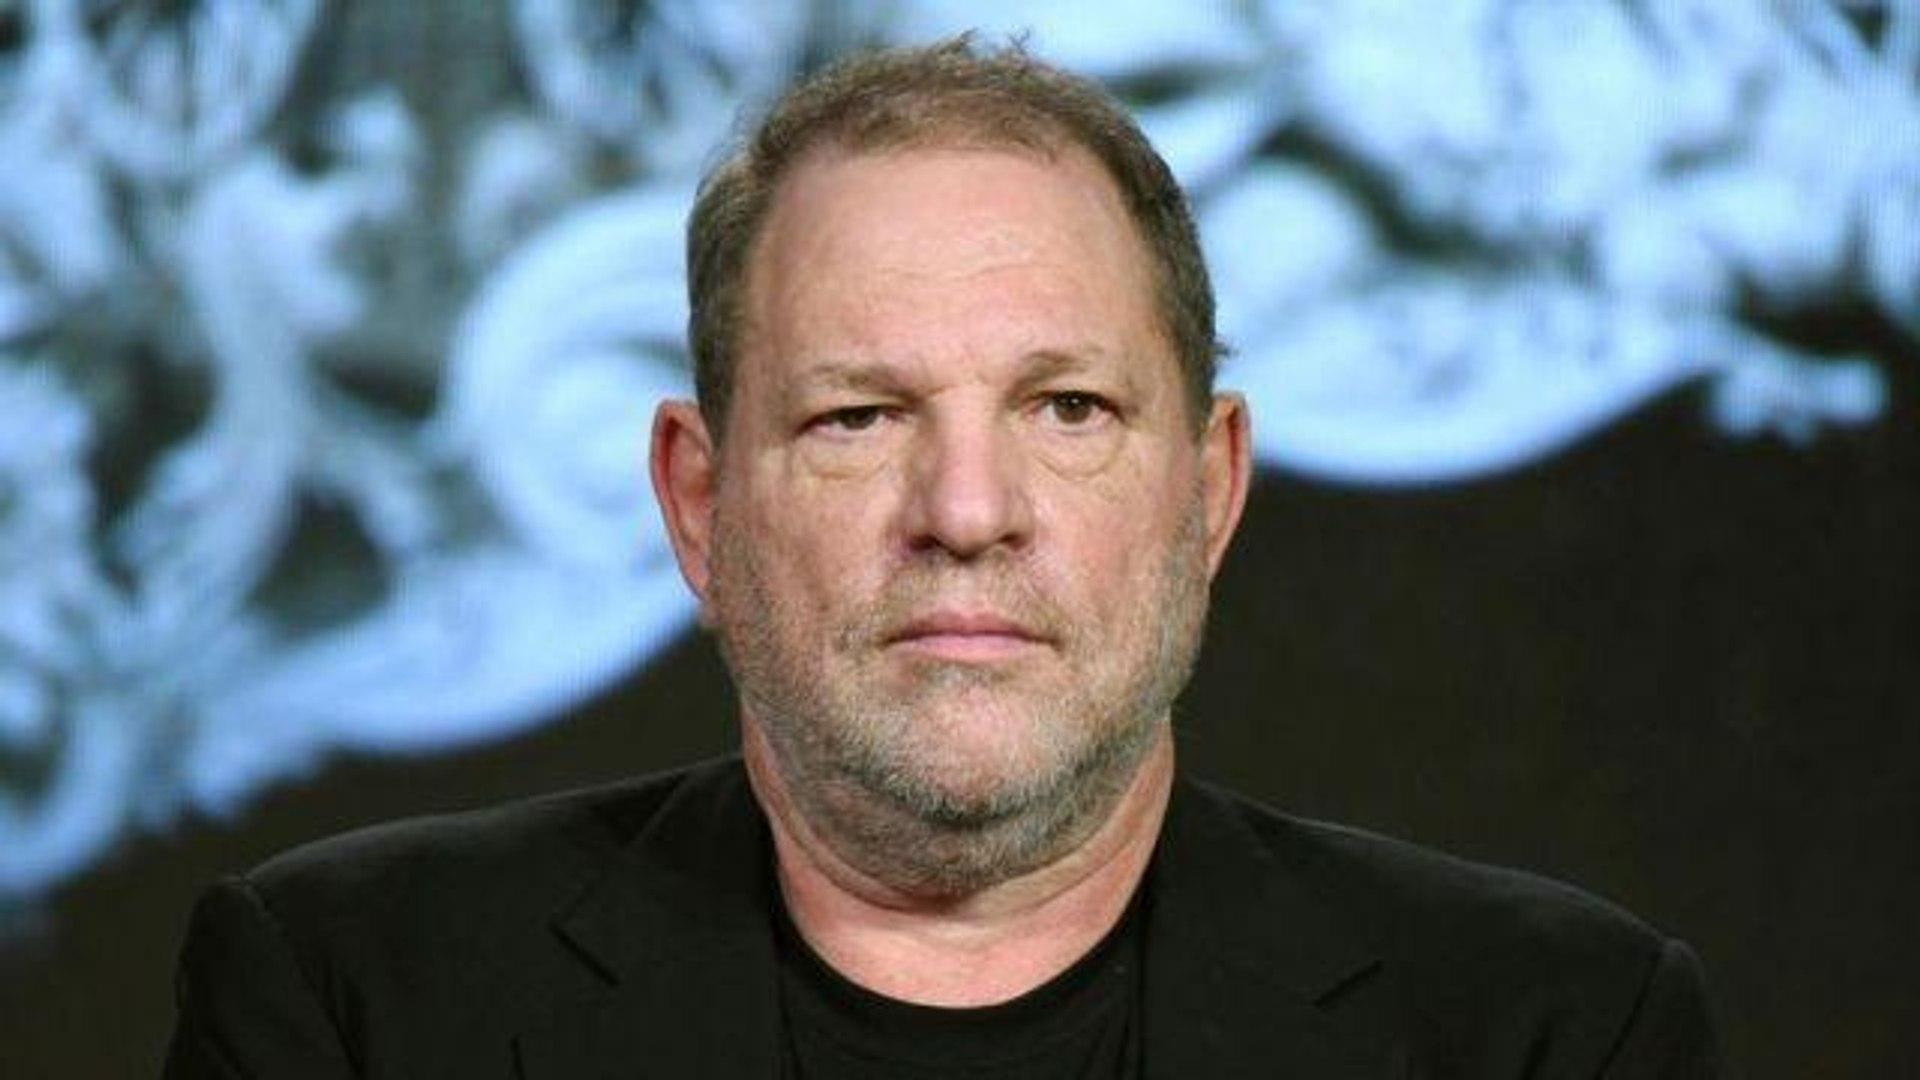 %22Anch'io violentata da Weinstein%22, Asia Argento parla della violenza subita